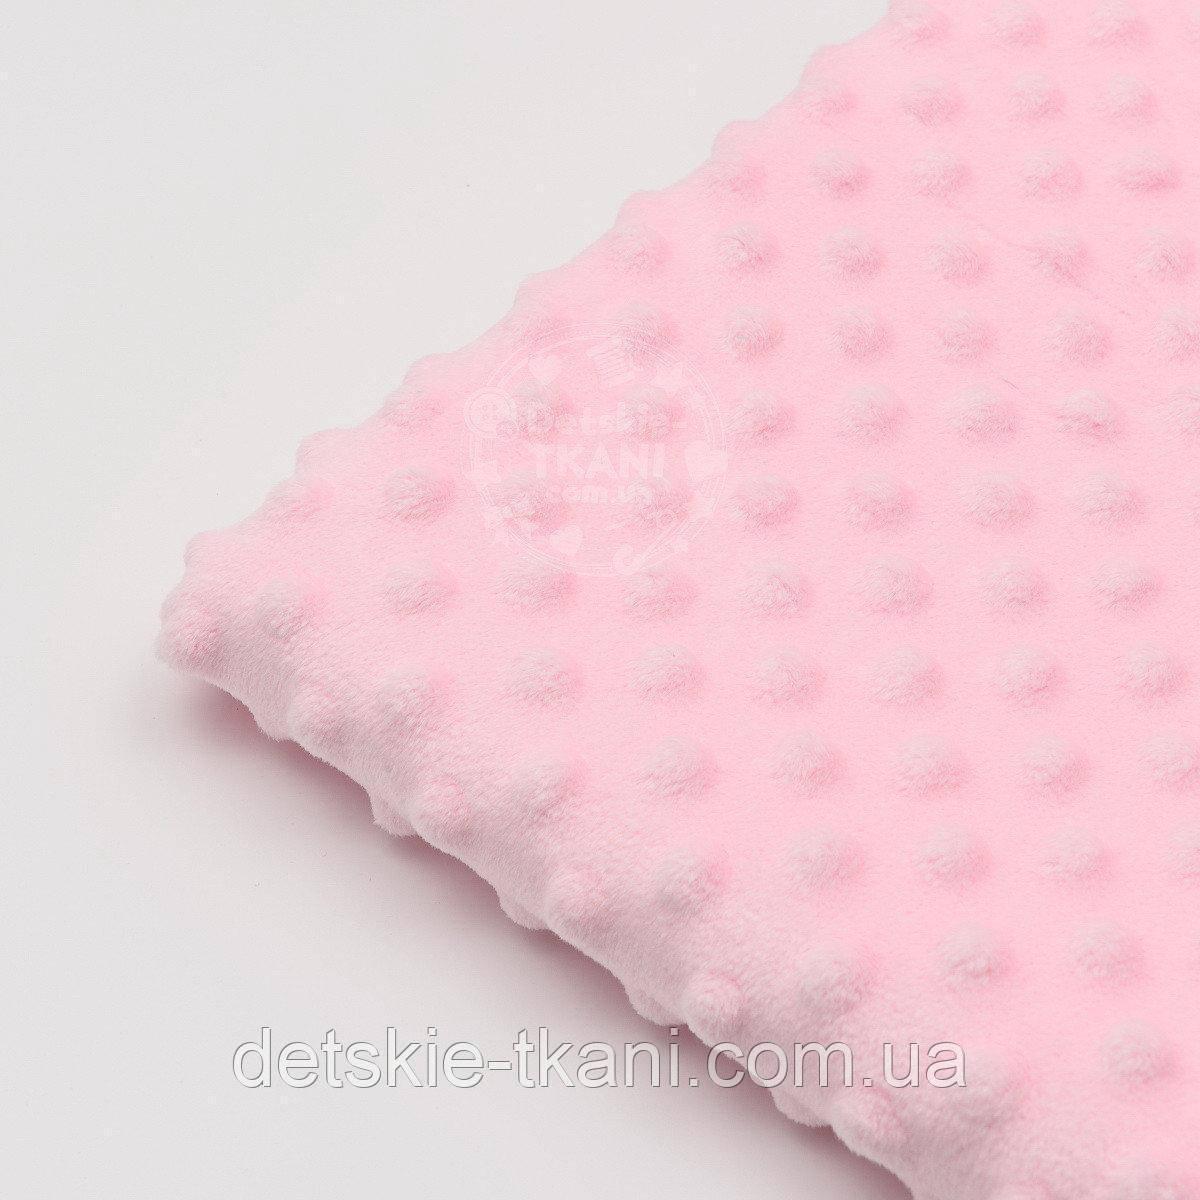 Лоскут плюша minky М-6 цвет светло розовый, размер 15*160 см (есть загрязнение)